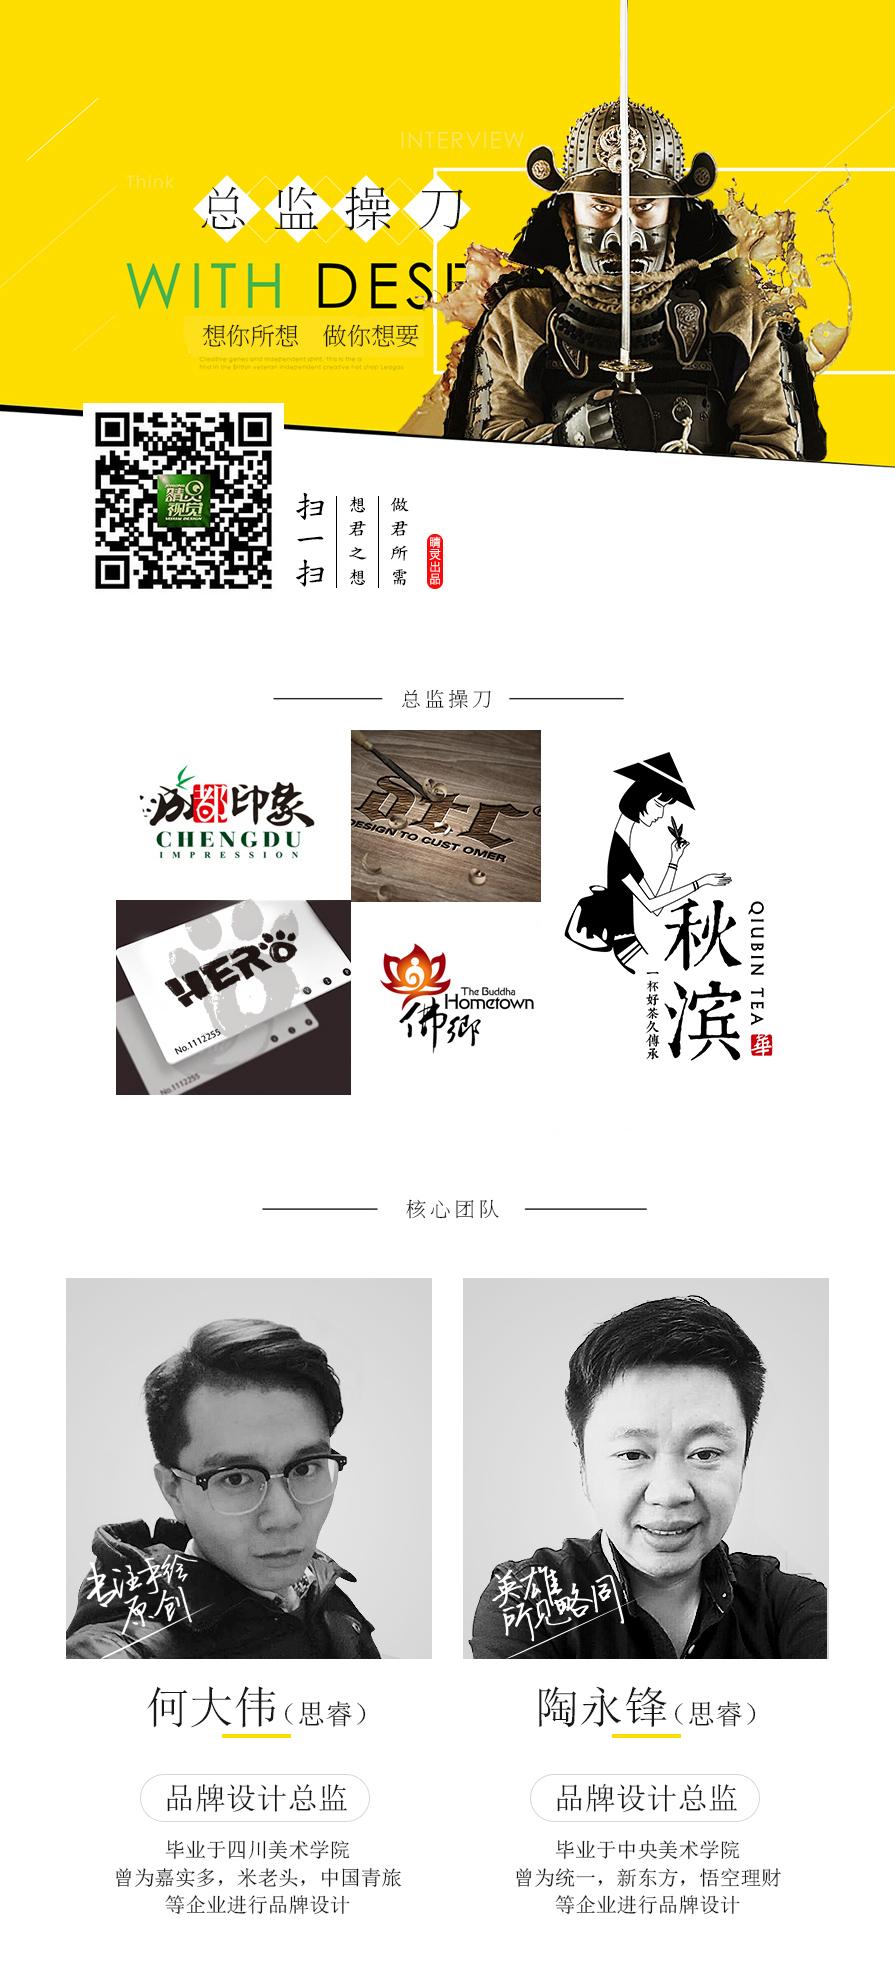 梦之城平台登录_【总监操刀梦之城平台登录标志设计】满意为止 公司品牌 餐饮门店1